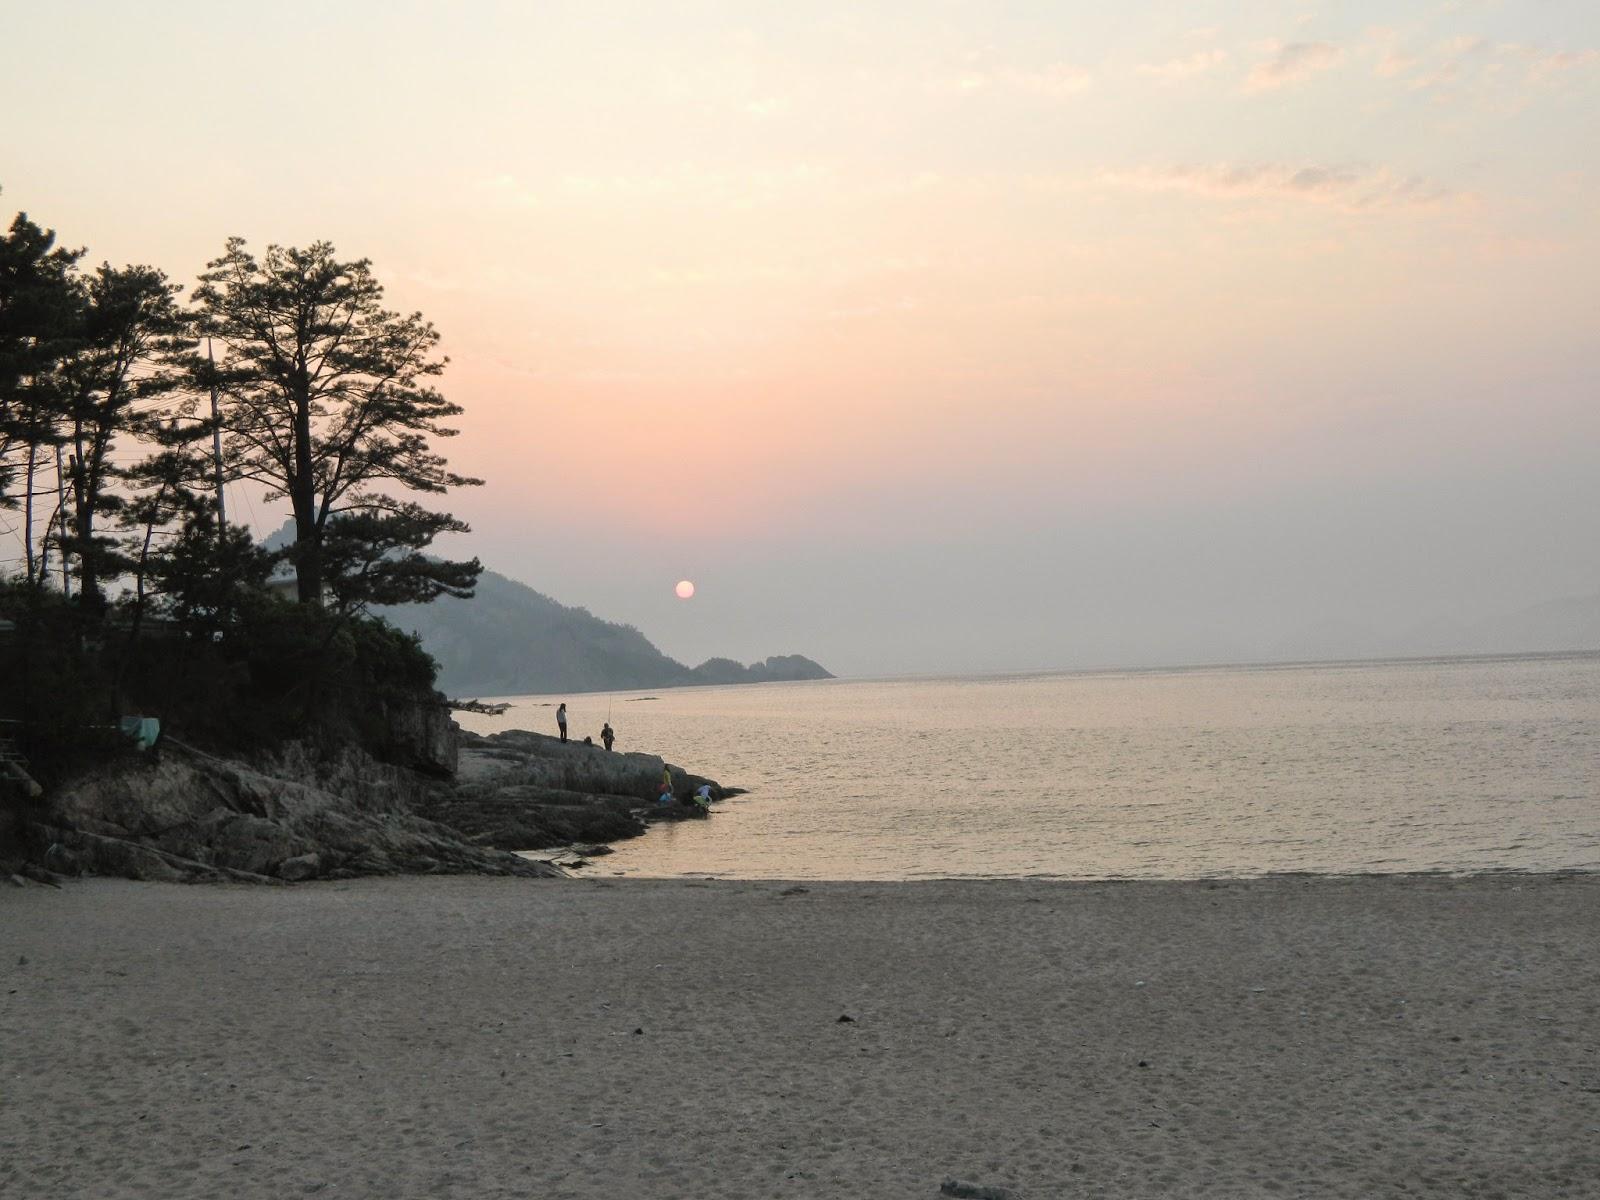 Sunset at Seonyudo beach